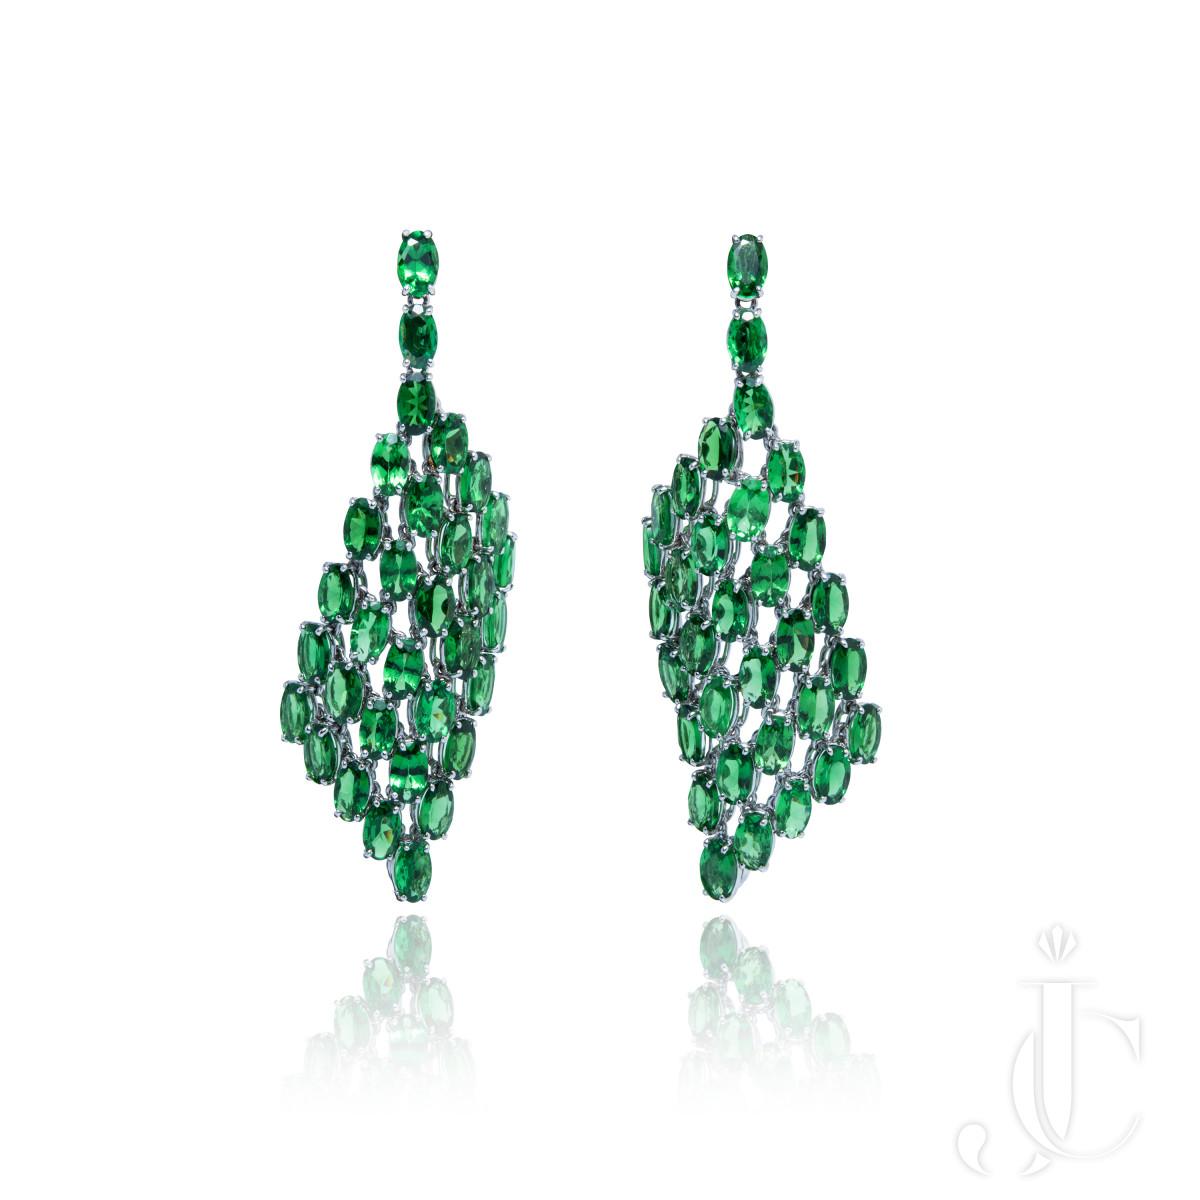 An Order of Bling  Tsavorite Dangle Earrings in 18K Green Gold